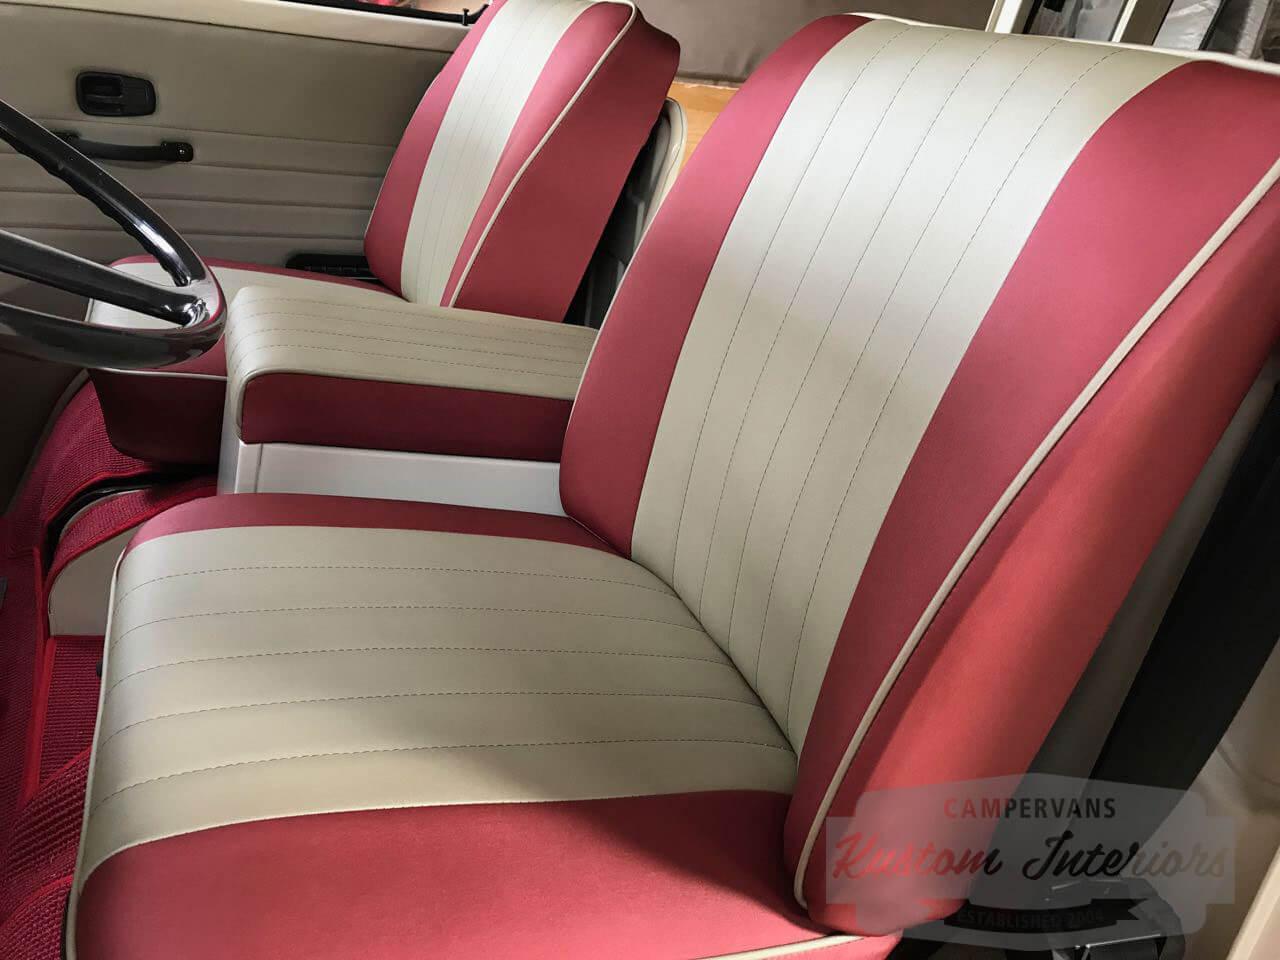 Kustom Interiors VW upholstery camper interiors splitscreen